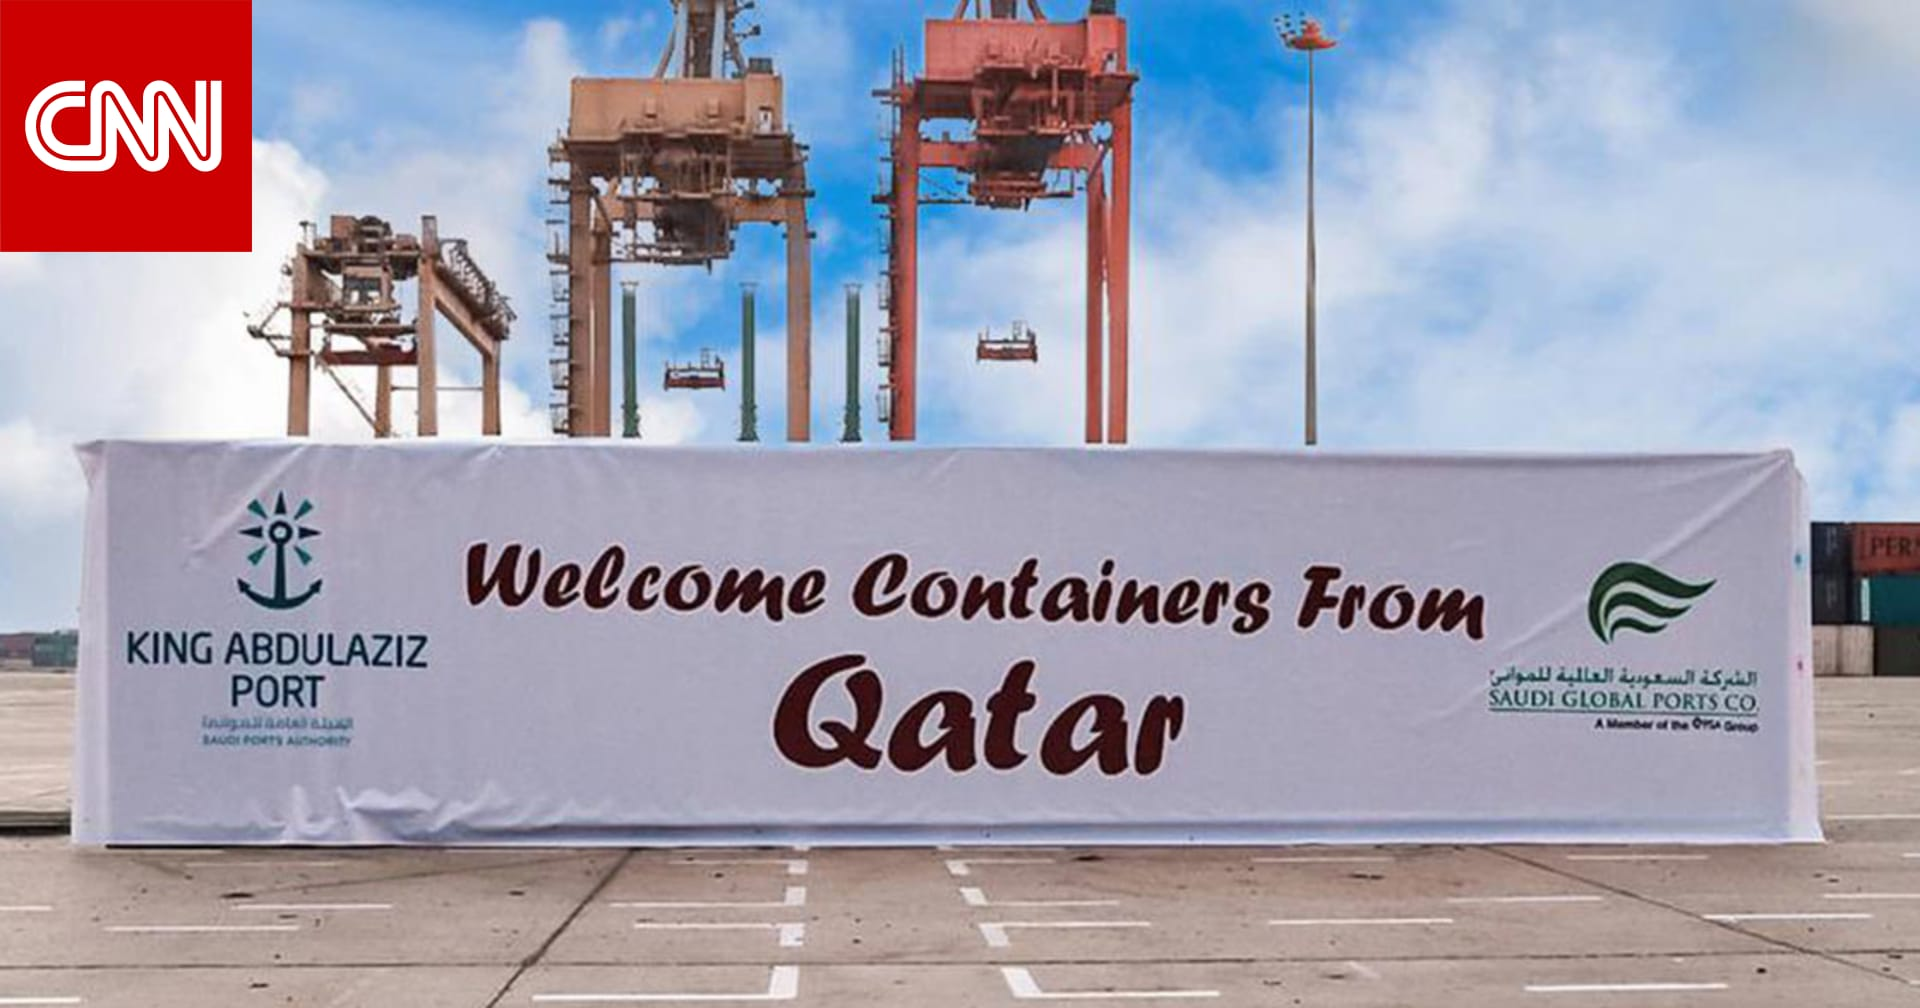 وصول 27 حاوية من قطر إلى السعودية معلنة استئناف الحركة التجارية بين البلدين